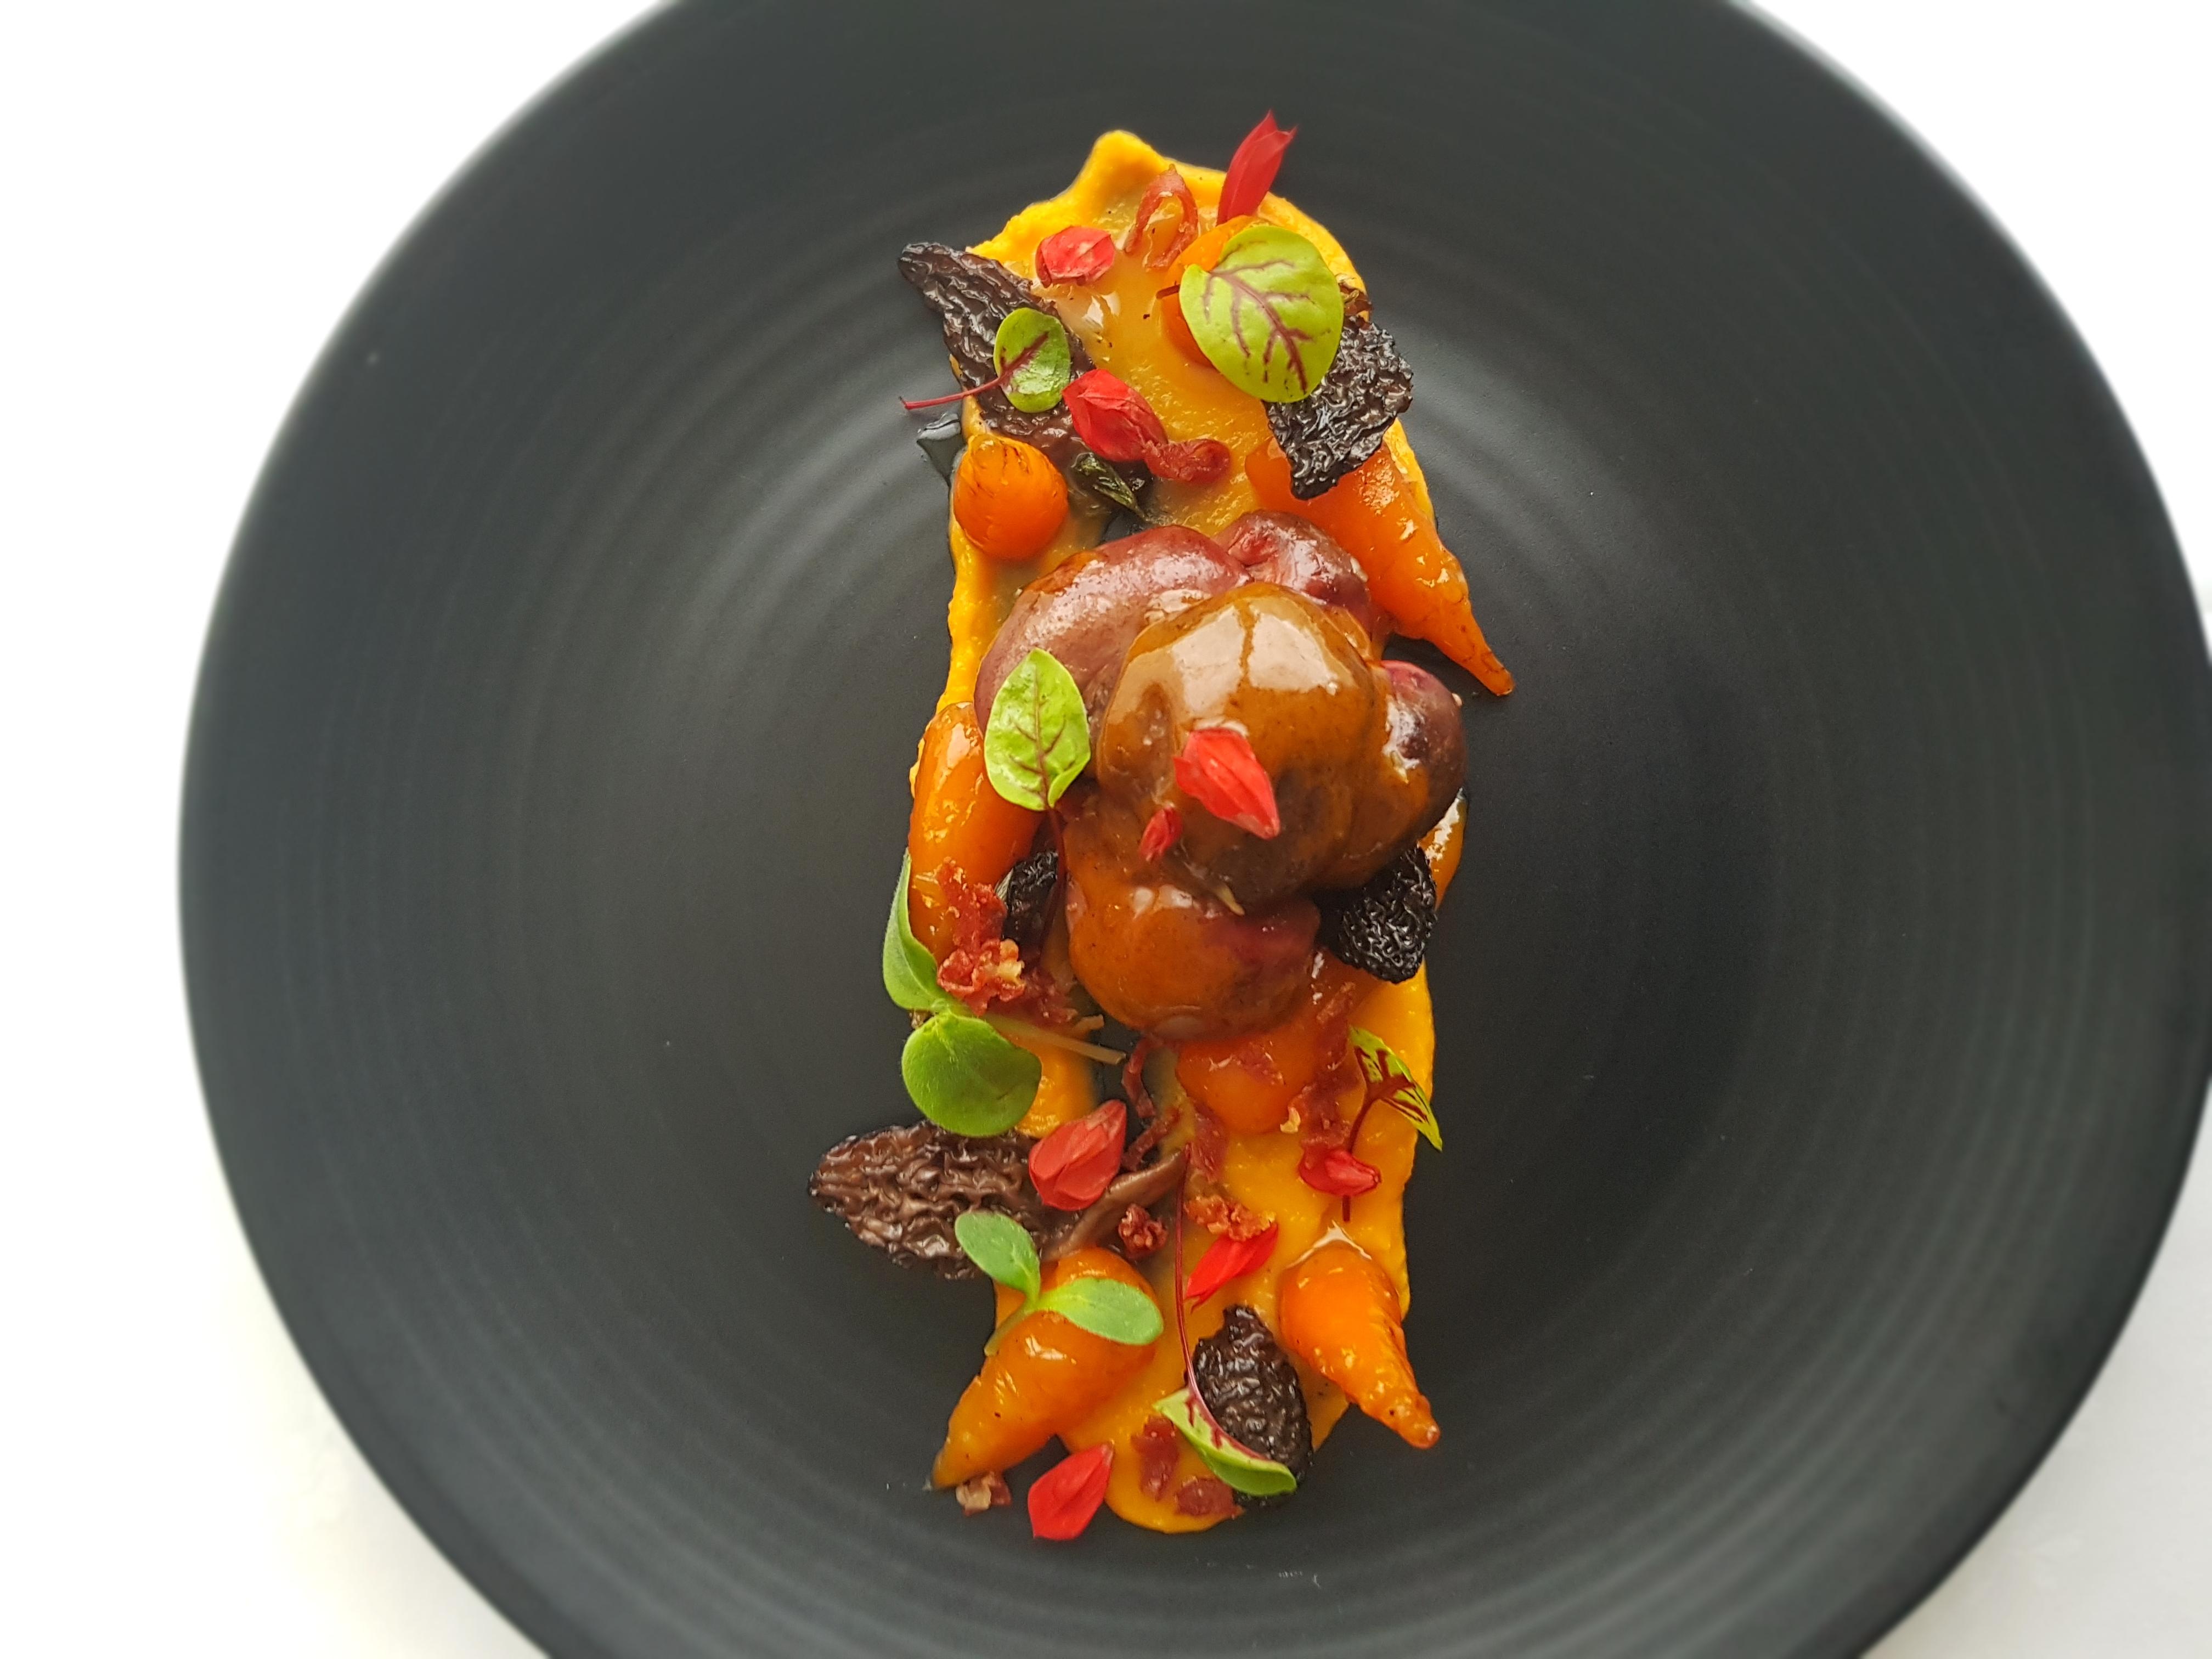 Rognons braisés, carottes et morille